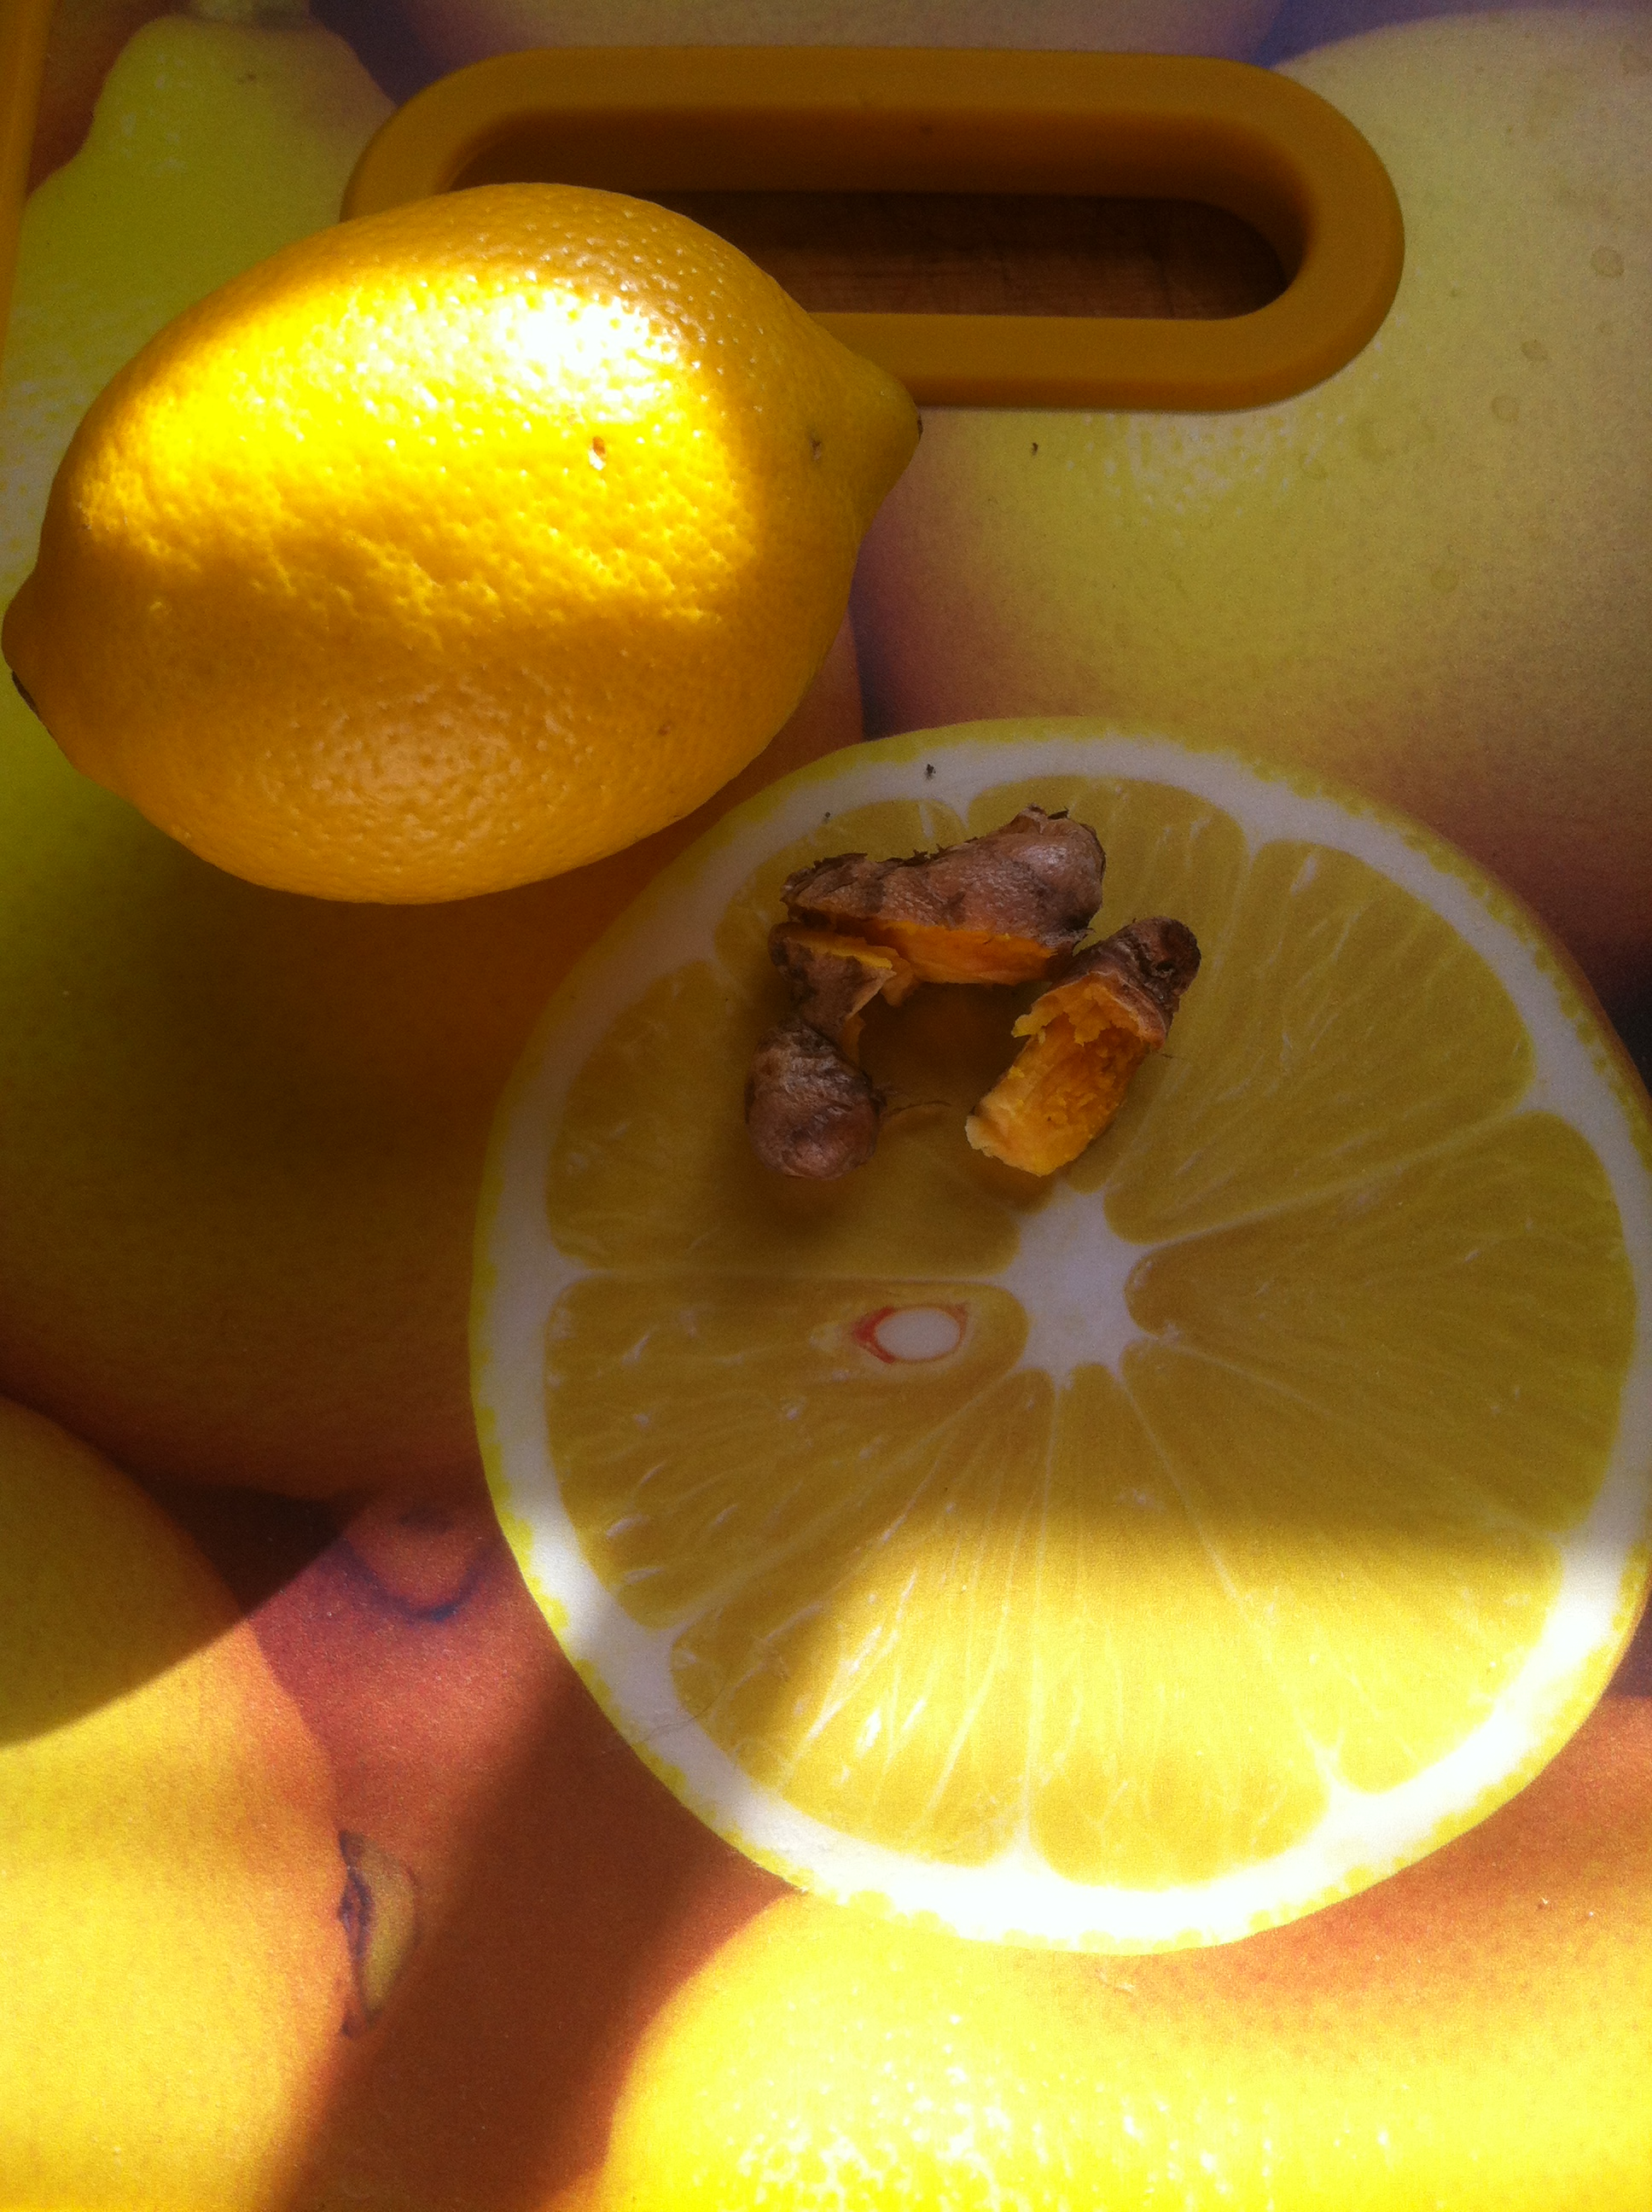 photo lemons and tumeric